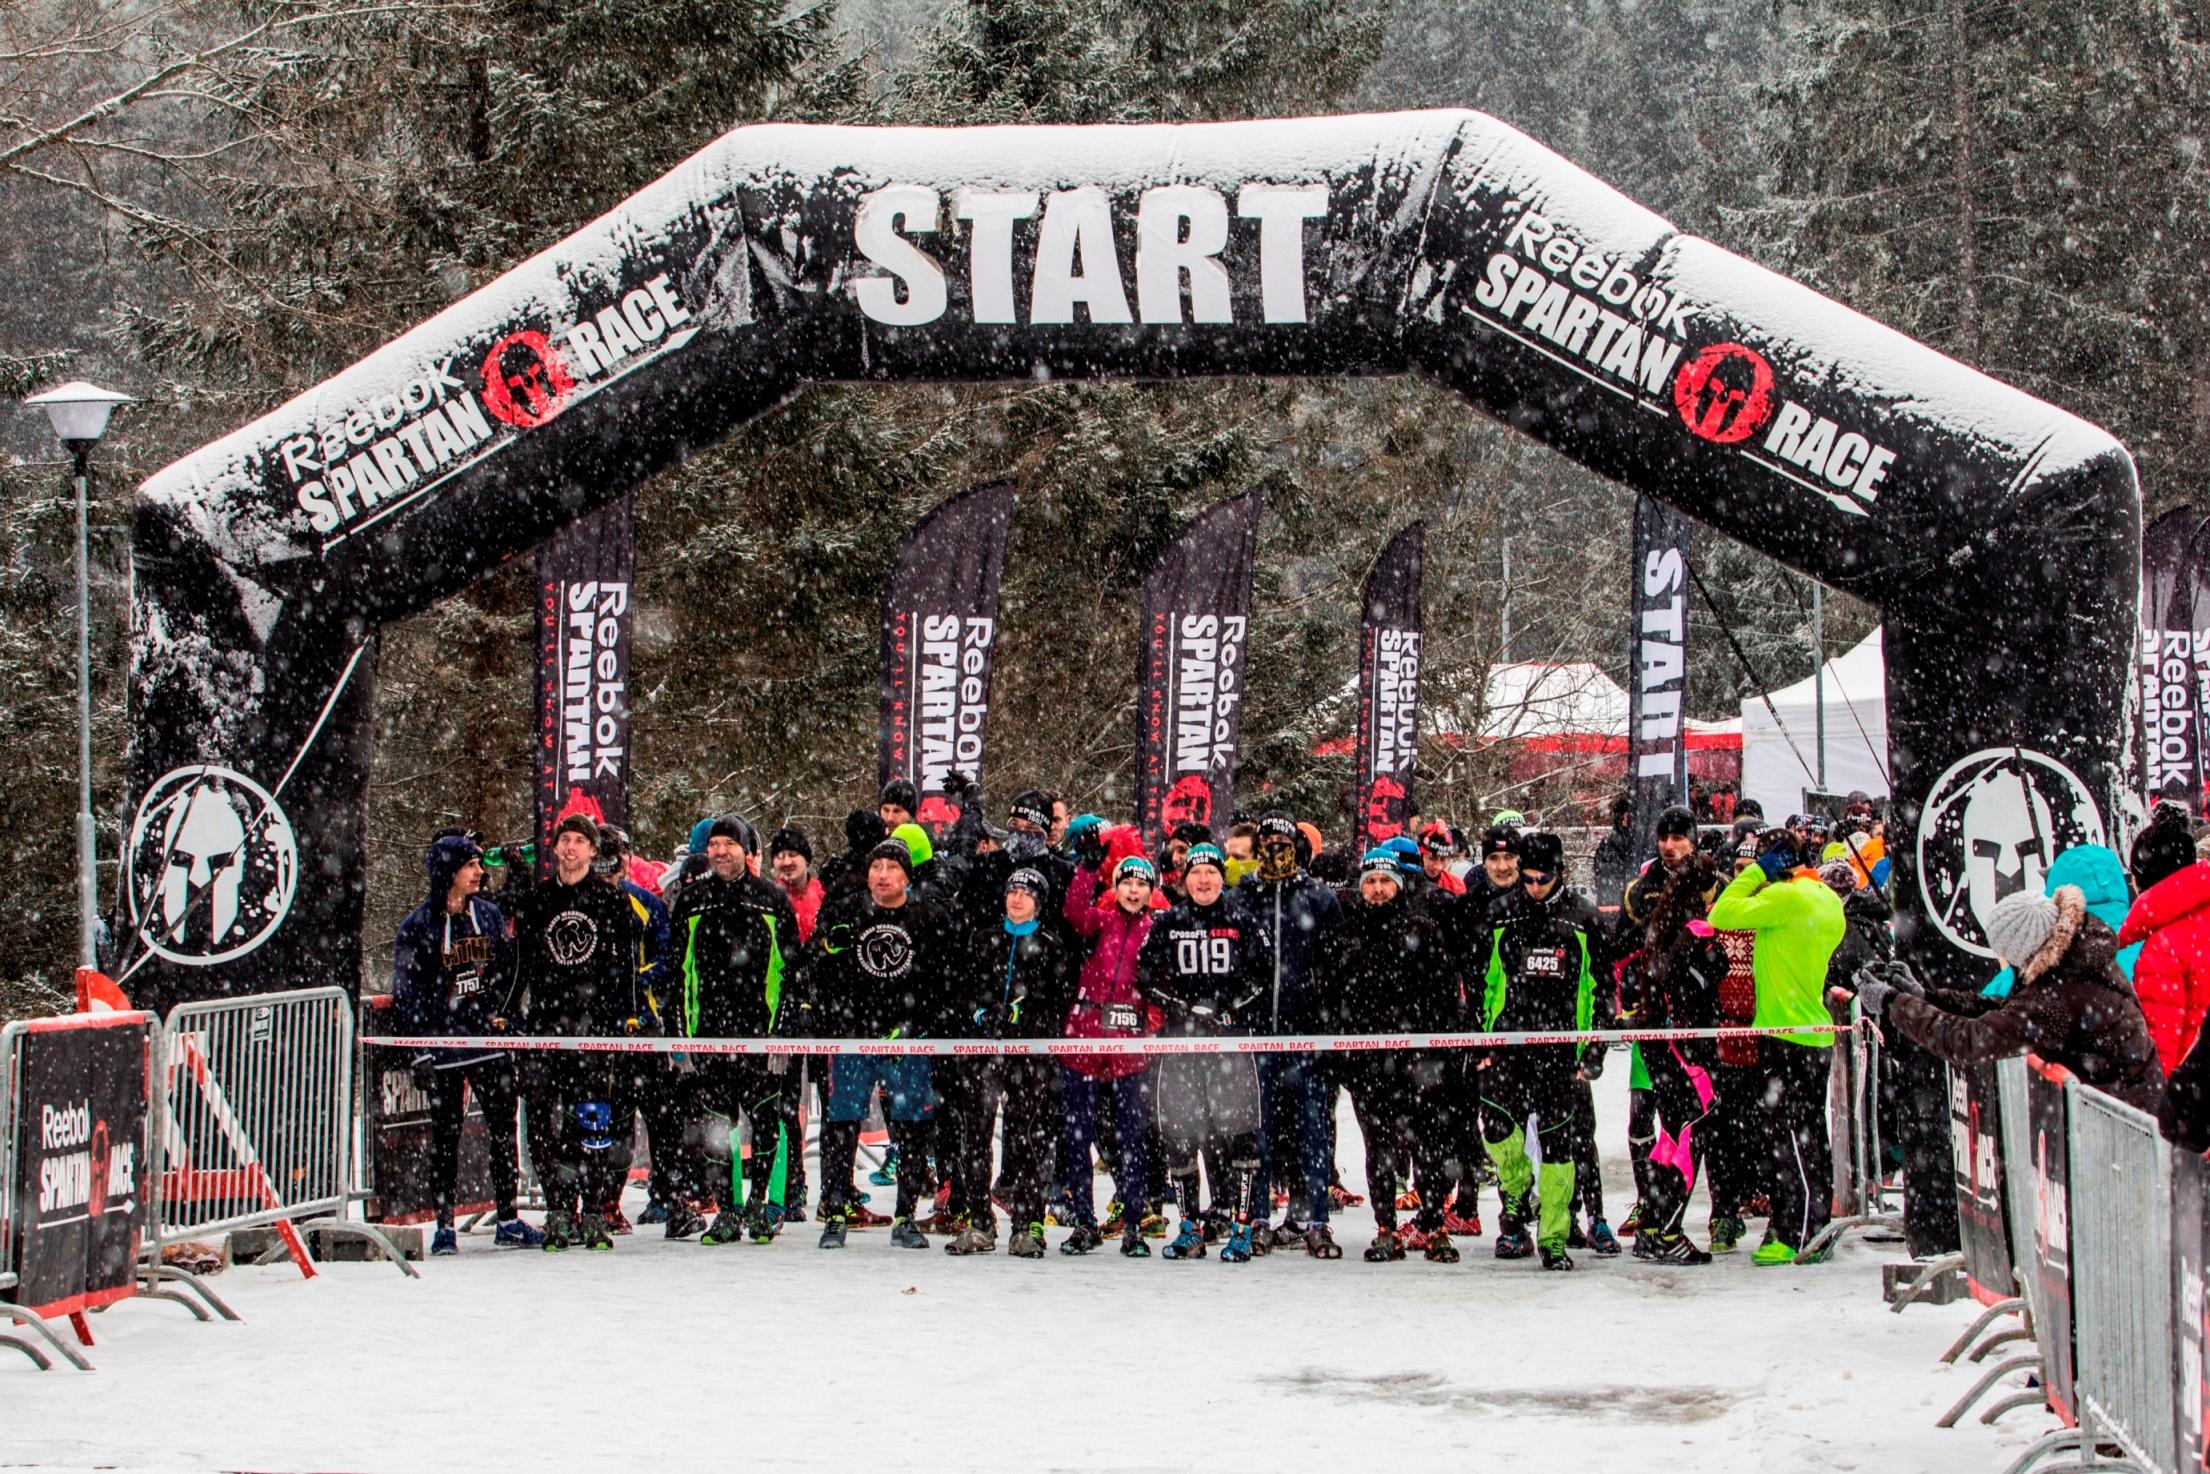 bfed1f04c2c Winter Sprint Spartan Race vo Svite už č - Kam v meste